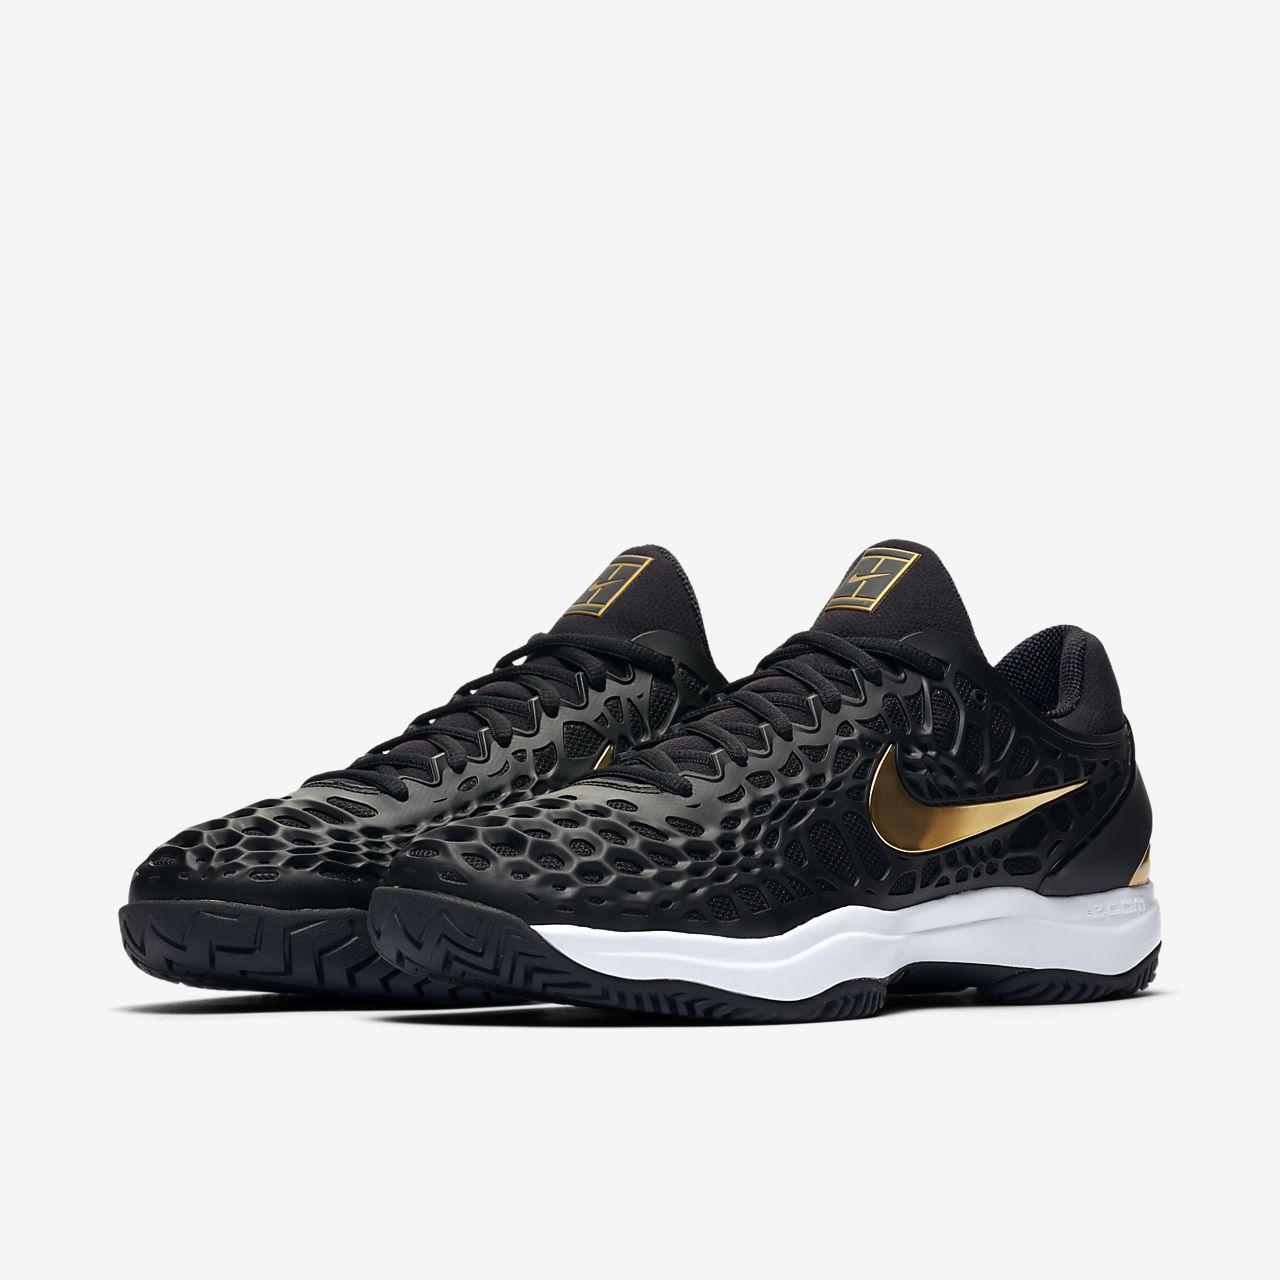 Nike Femme Tennis Tennis De De Air Cage Ete 3 Chaussures Femme Chaussures Zoom Femme 2019 WCQrdxBoe